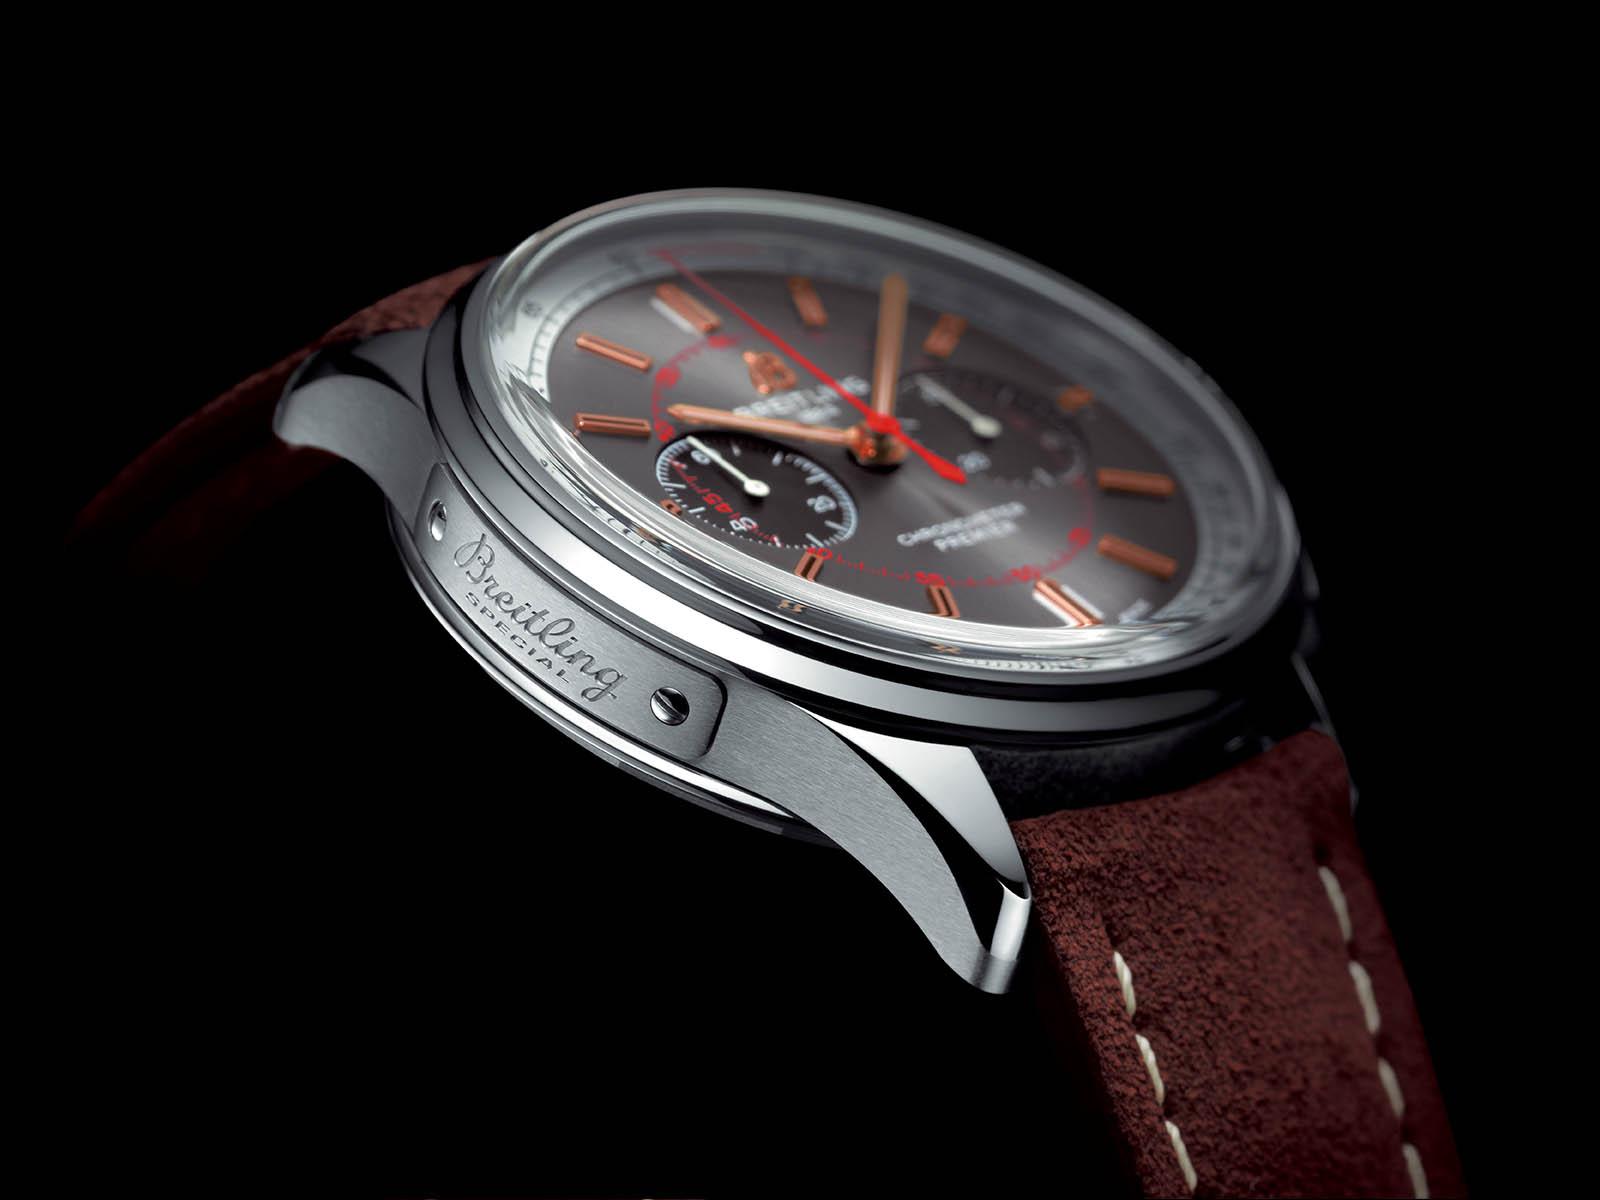 rb0118a31b1x1-breitling-premier-b01-chronograph-42-limited-edition-2.jpg